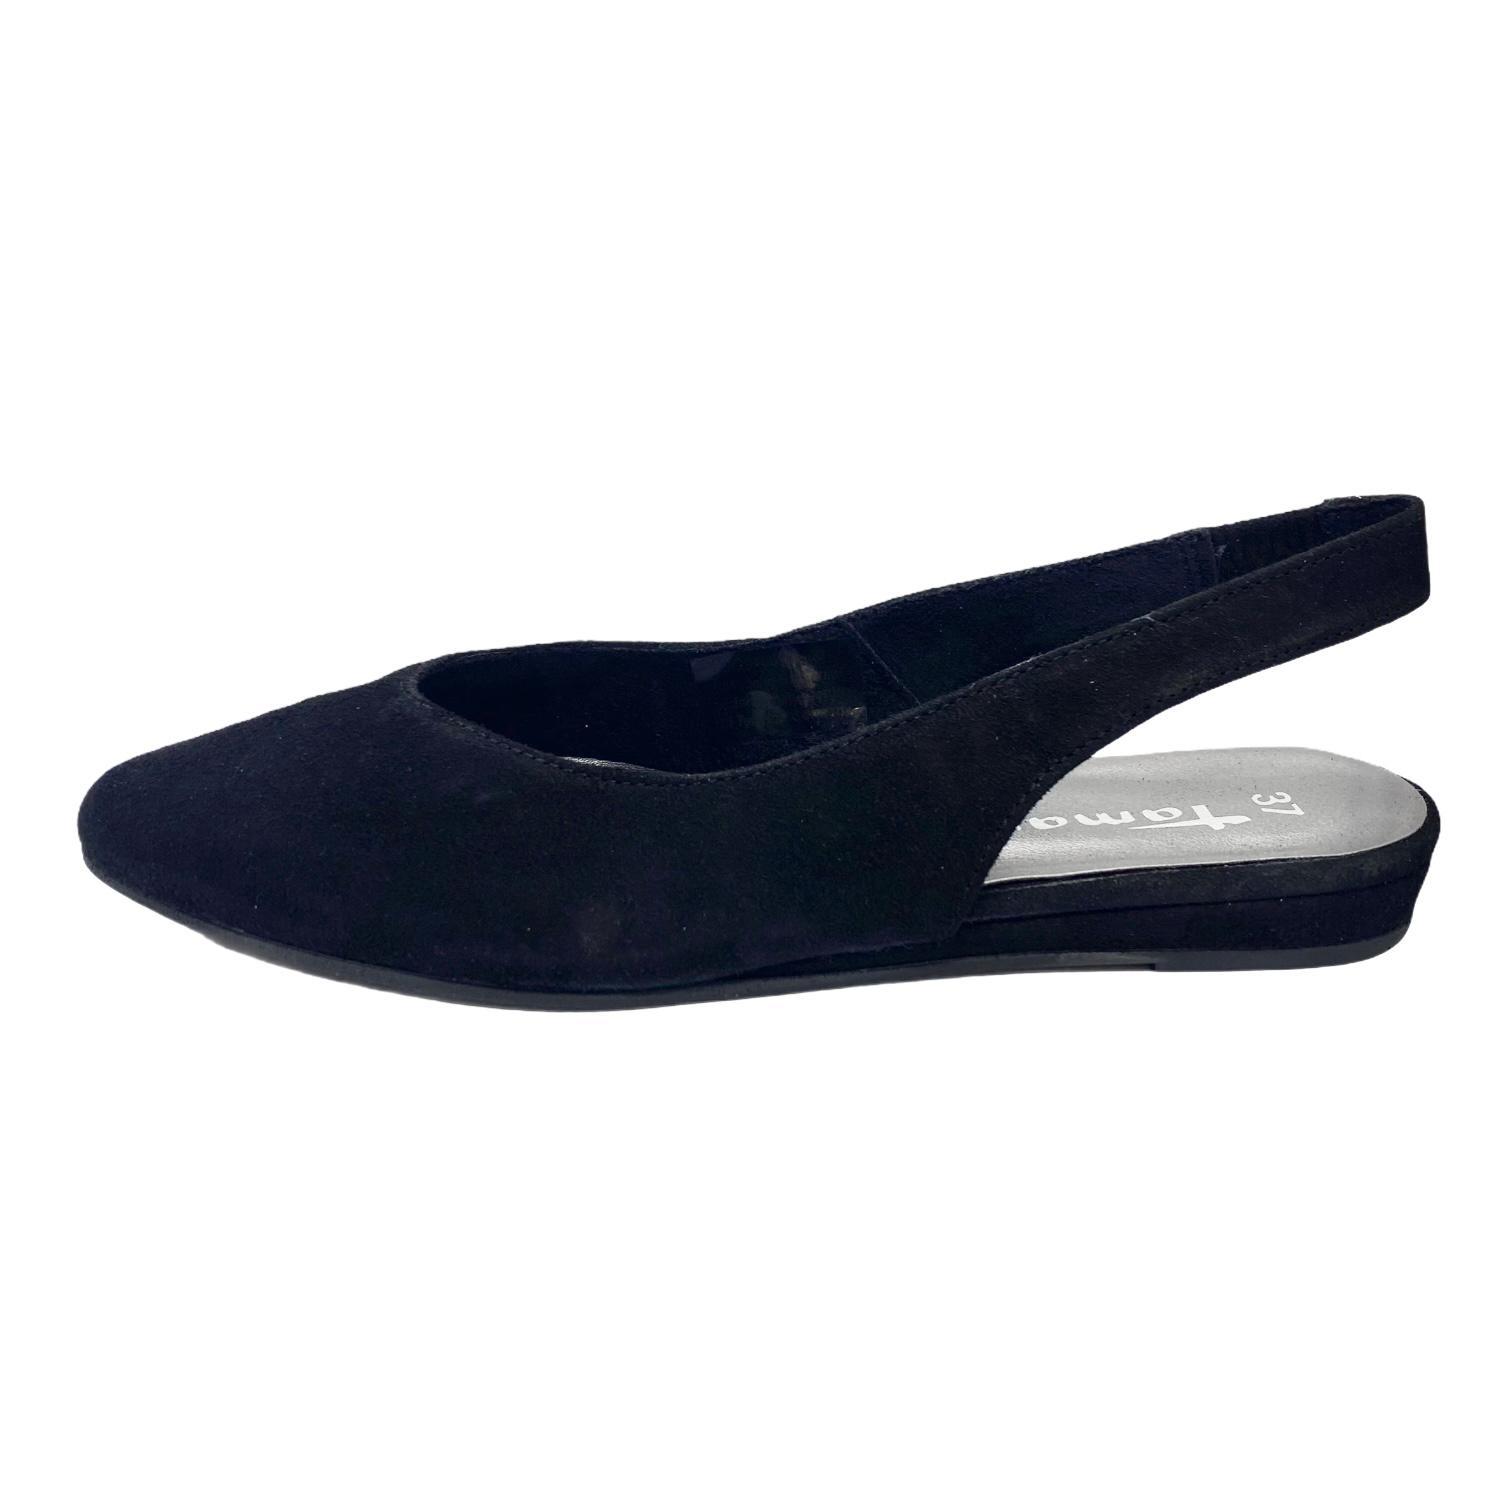 Pantofi Tamaris negri decupati in spate